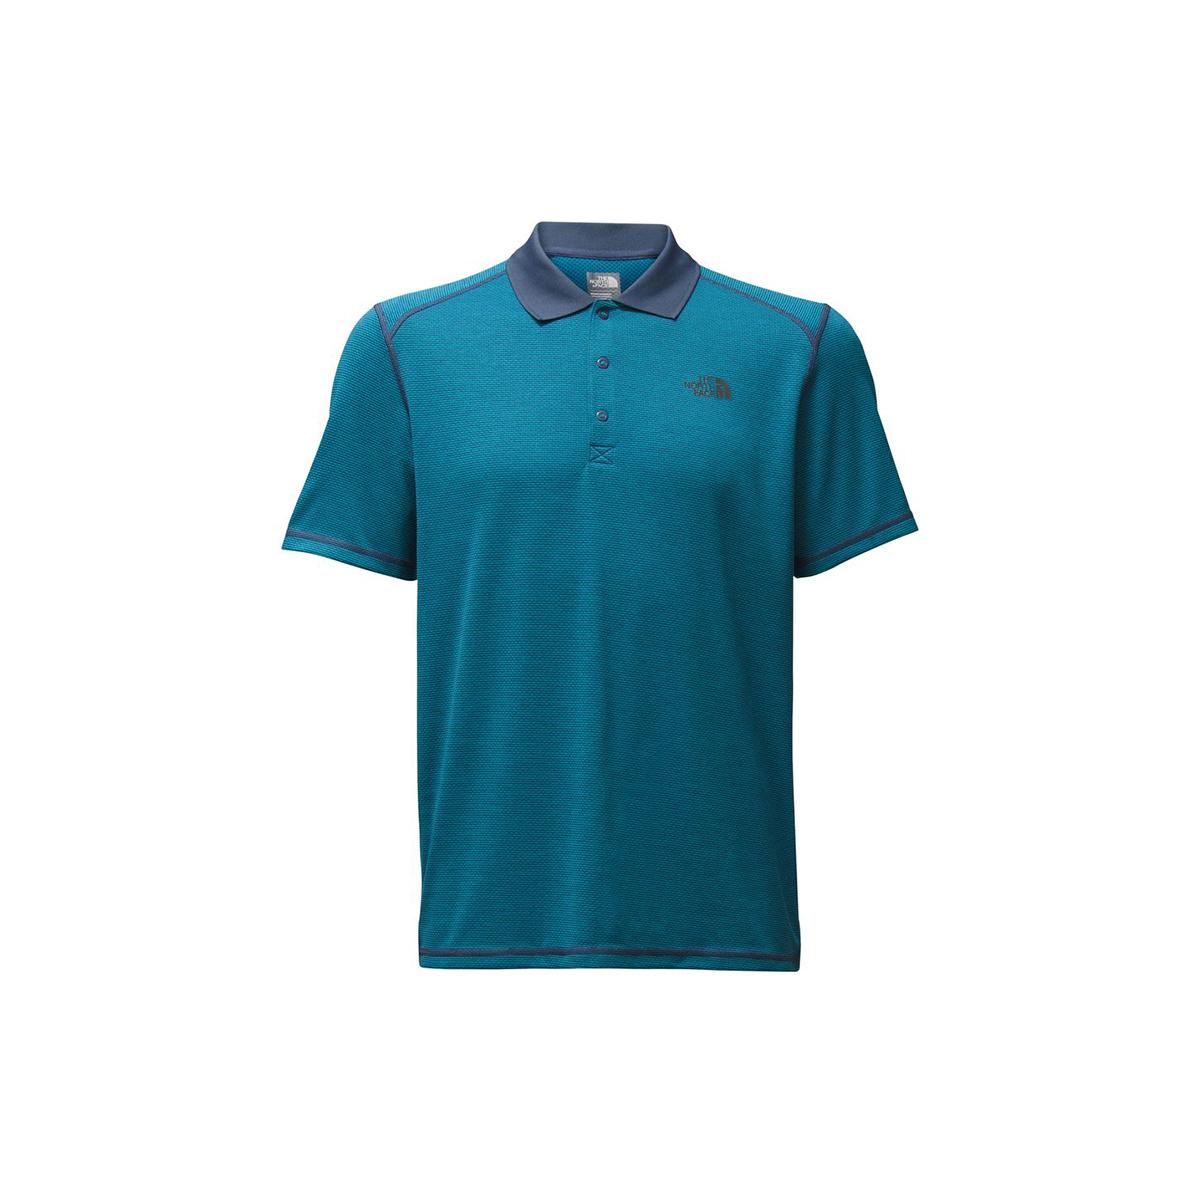 The North Face Men's Short Sleeve Horizon Polo